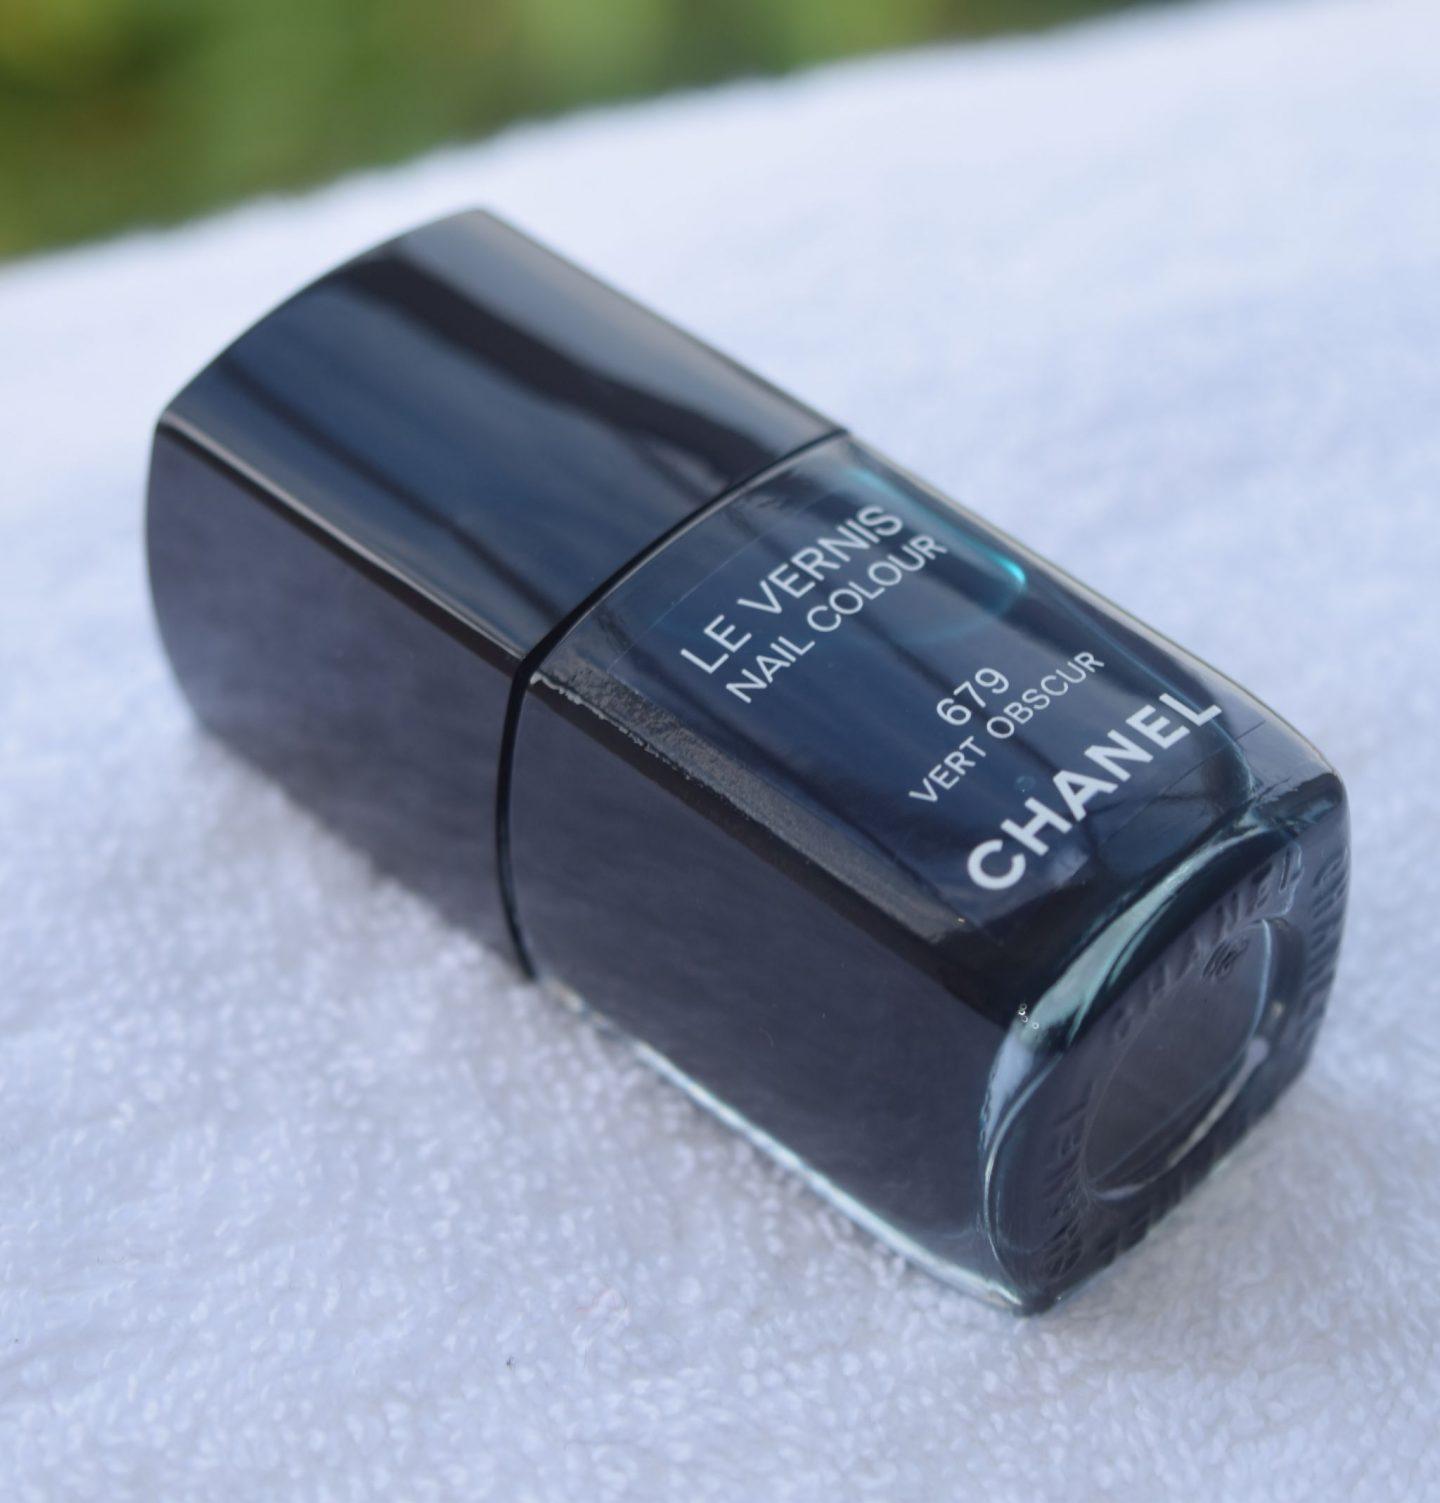 Chanel Le Vernis Vert Obscur 1